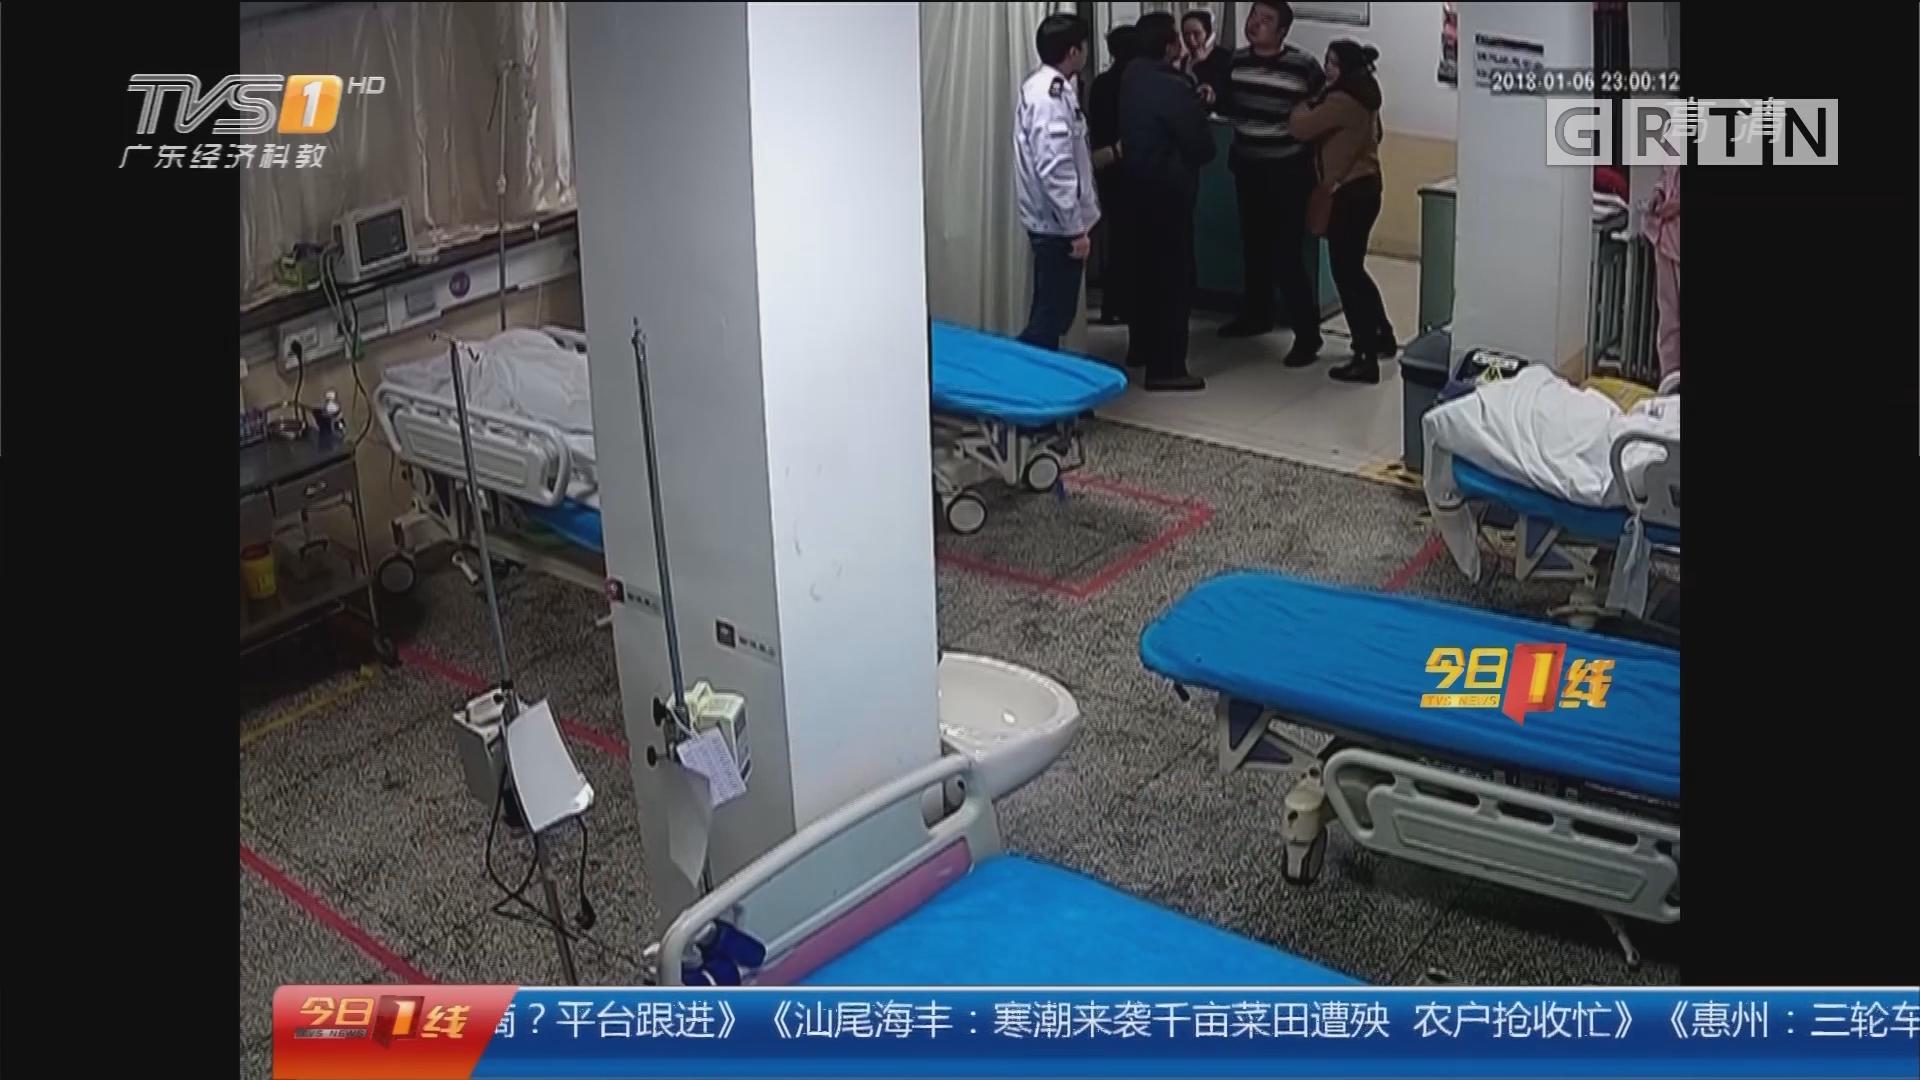 西安:醉酒男夜闯医院 脚踹医生击碎玻璃